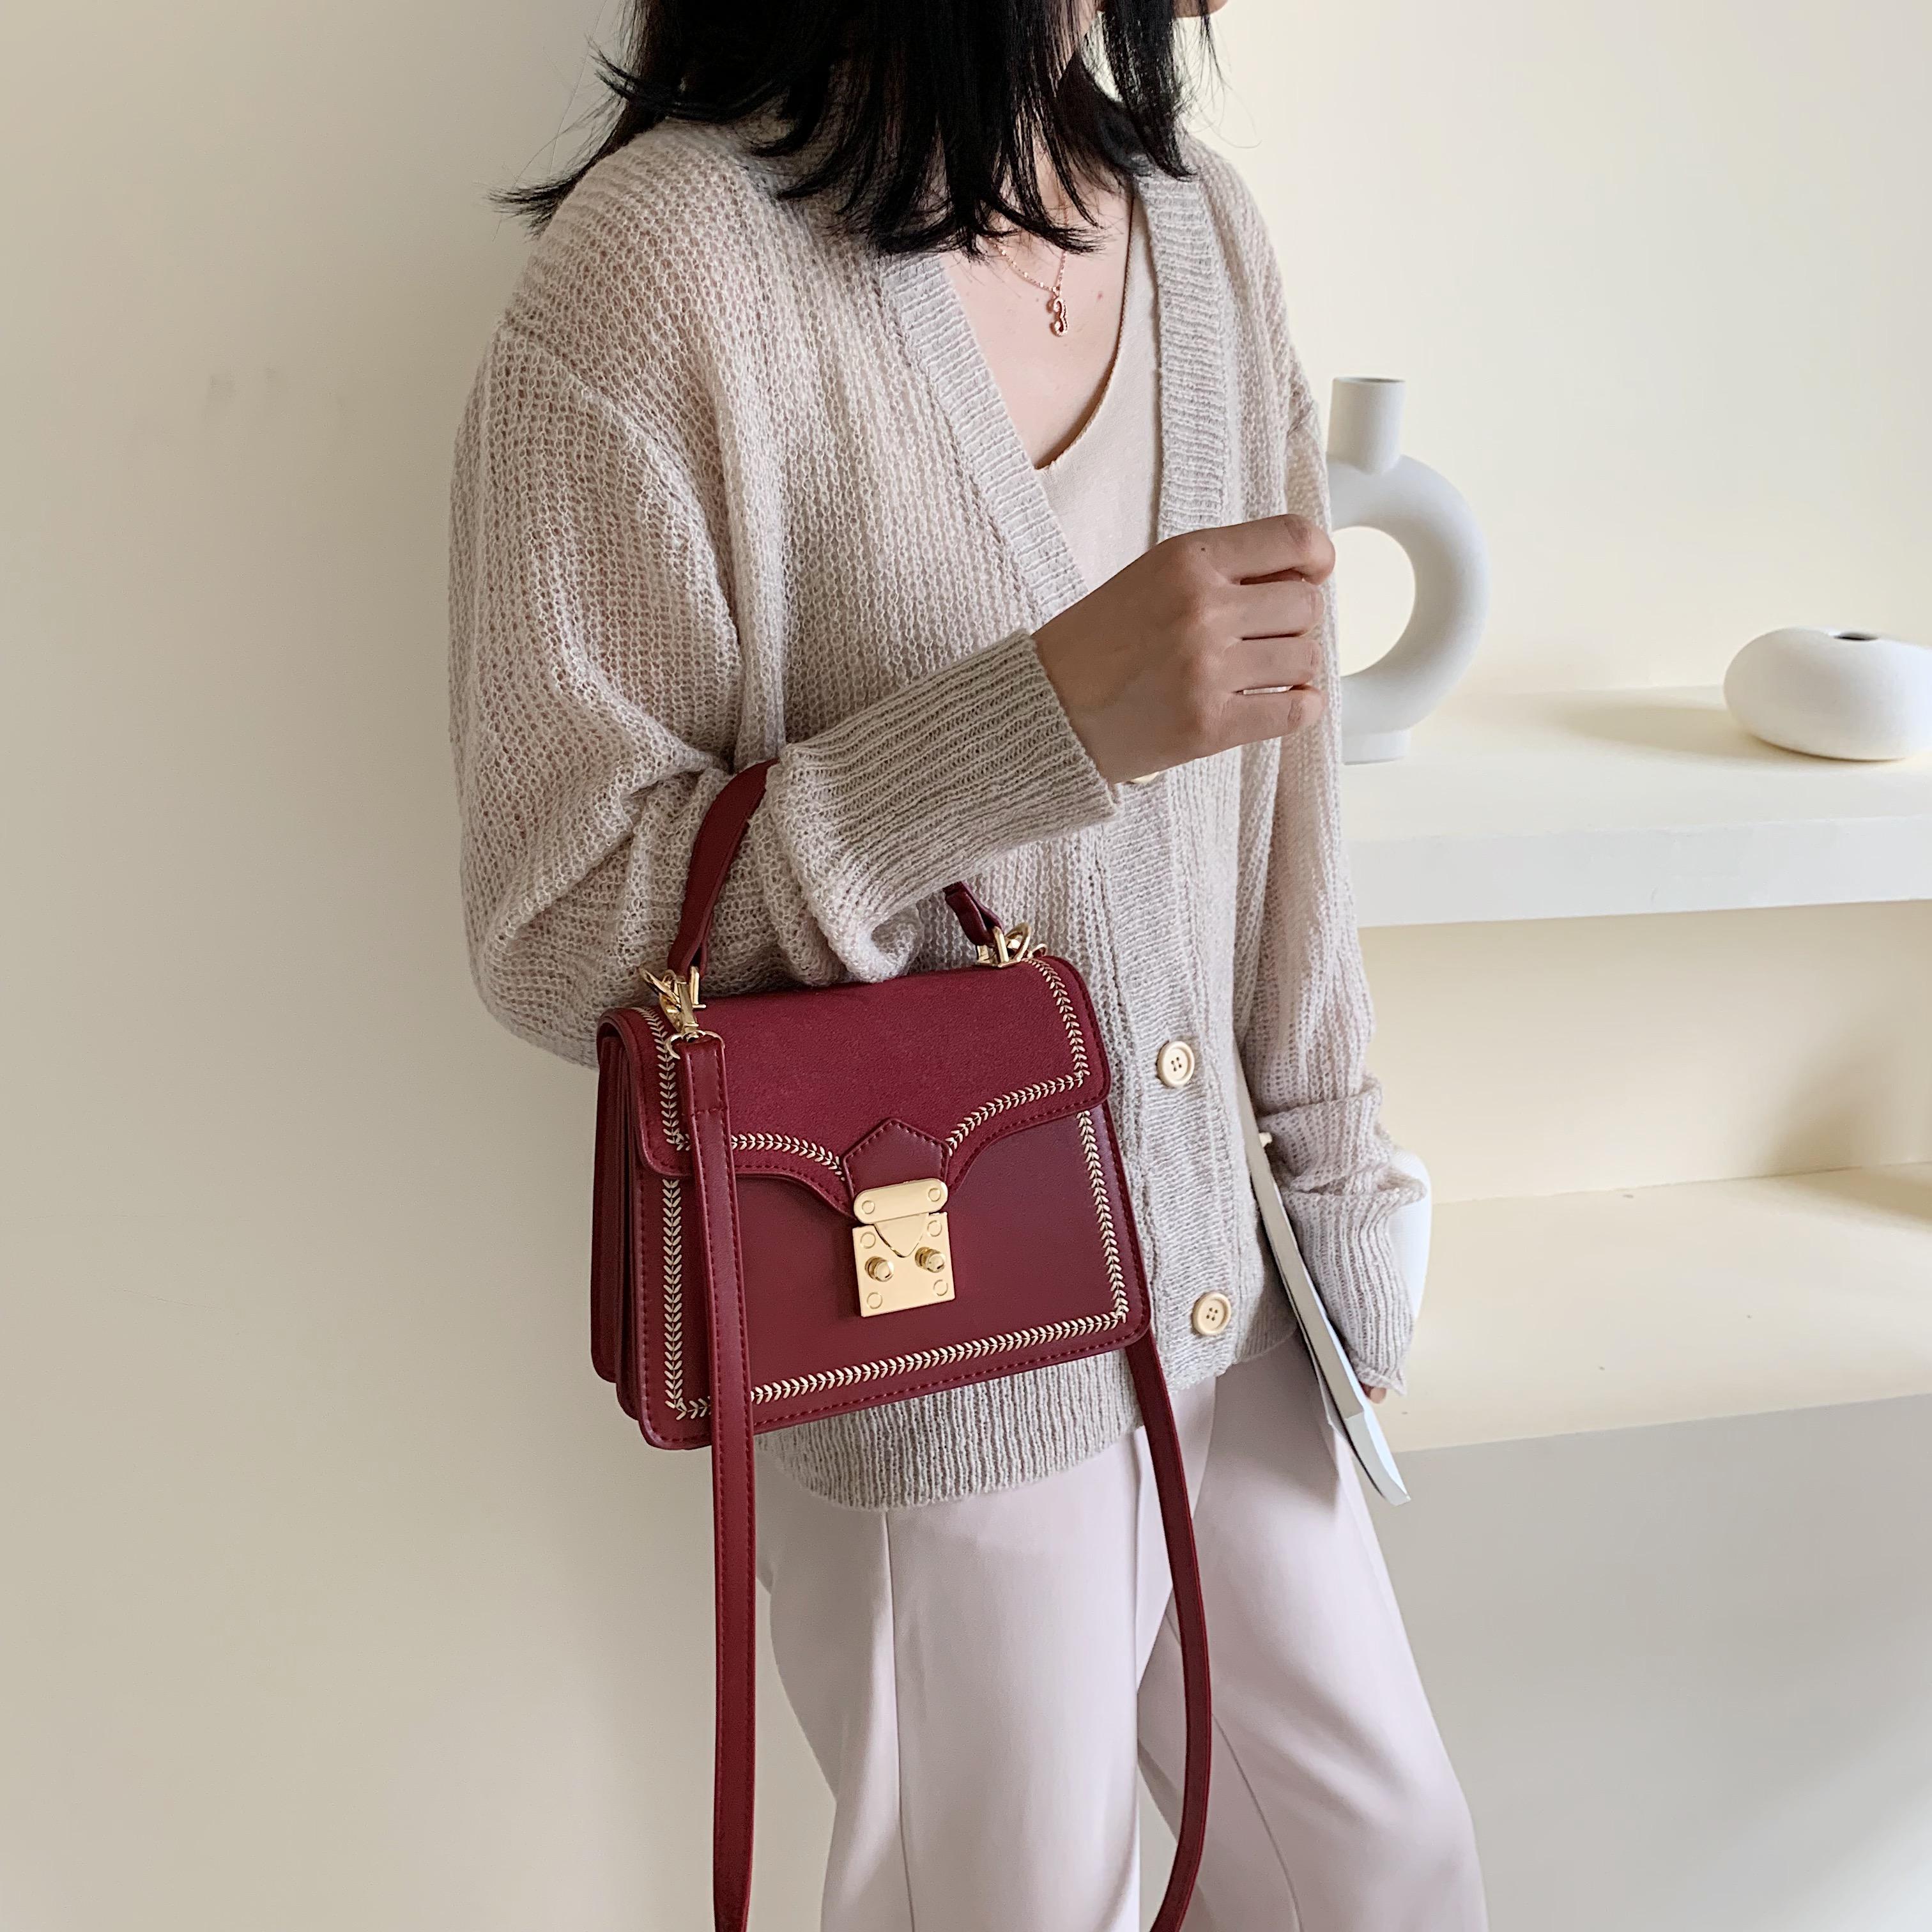 Scrub contraste Cuero Color Crossbody empaqueta para las mujeres 2020 Otoño de la señora mensajero del hombro del bolso femenino de viaje bolsos